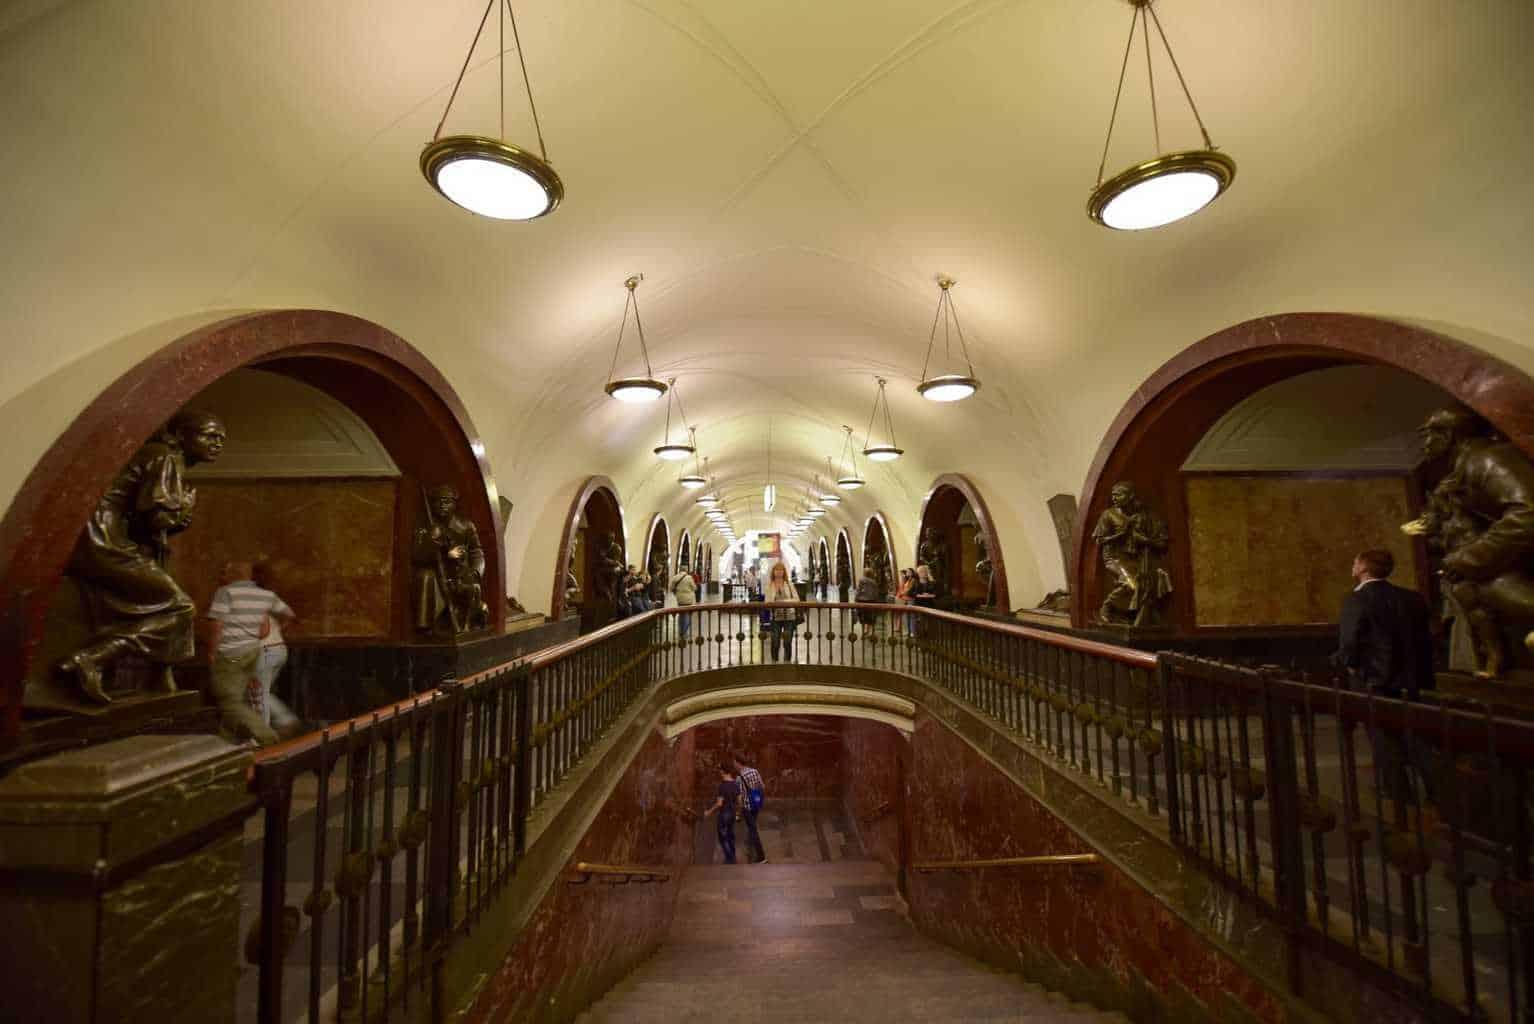 Ploshchad Revolyutsii Station Moscow (Revolution Square)